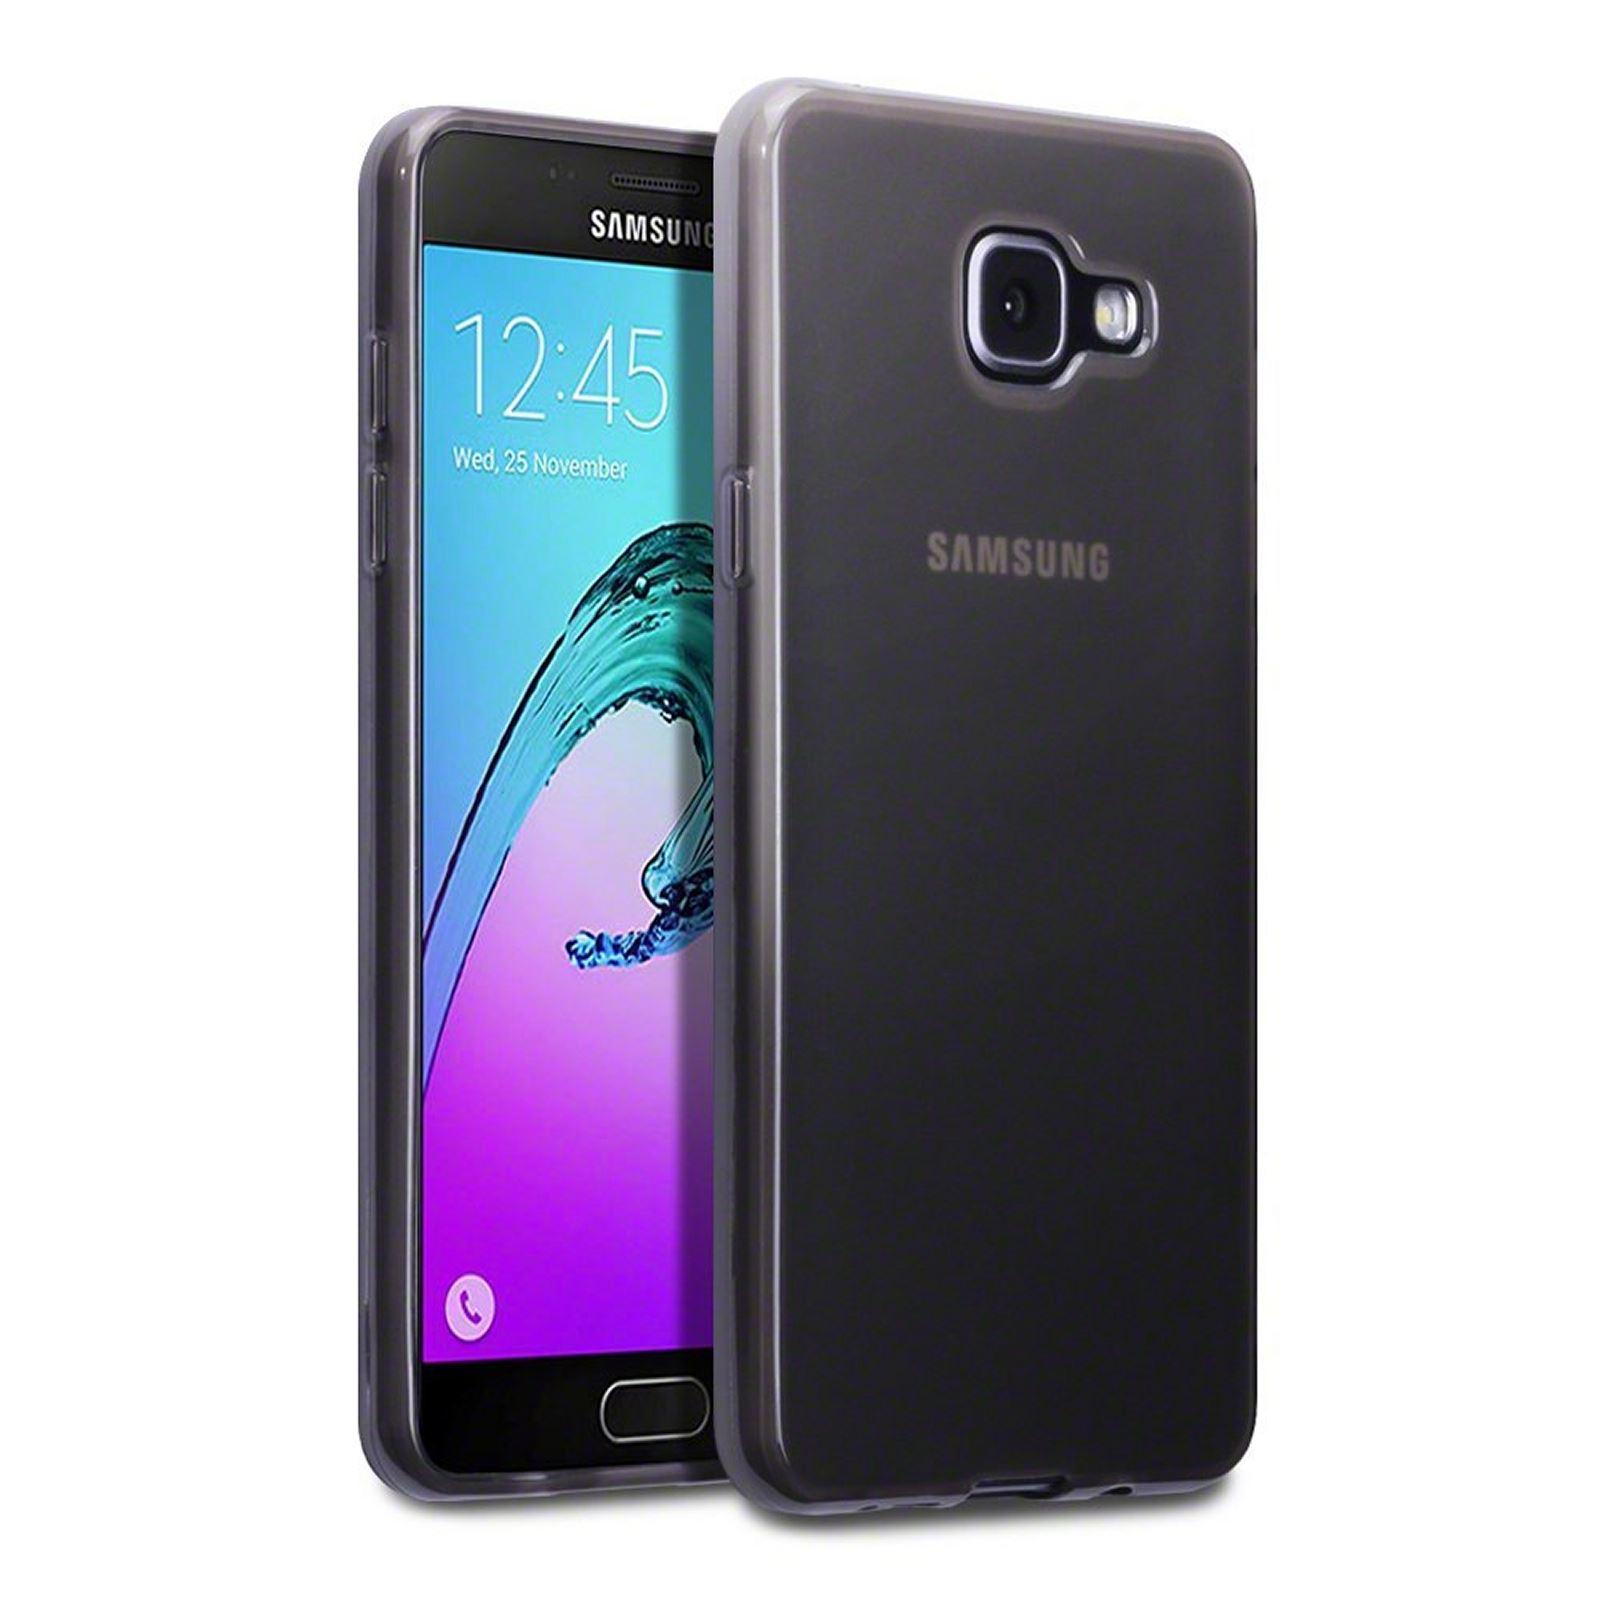 For Samsung Galaxy A5 2016 Model Slim Tpu Gel Silicone